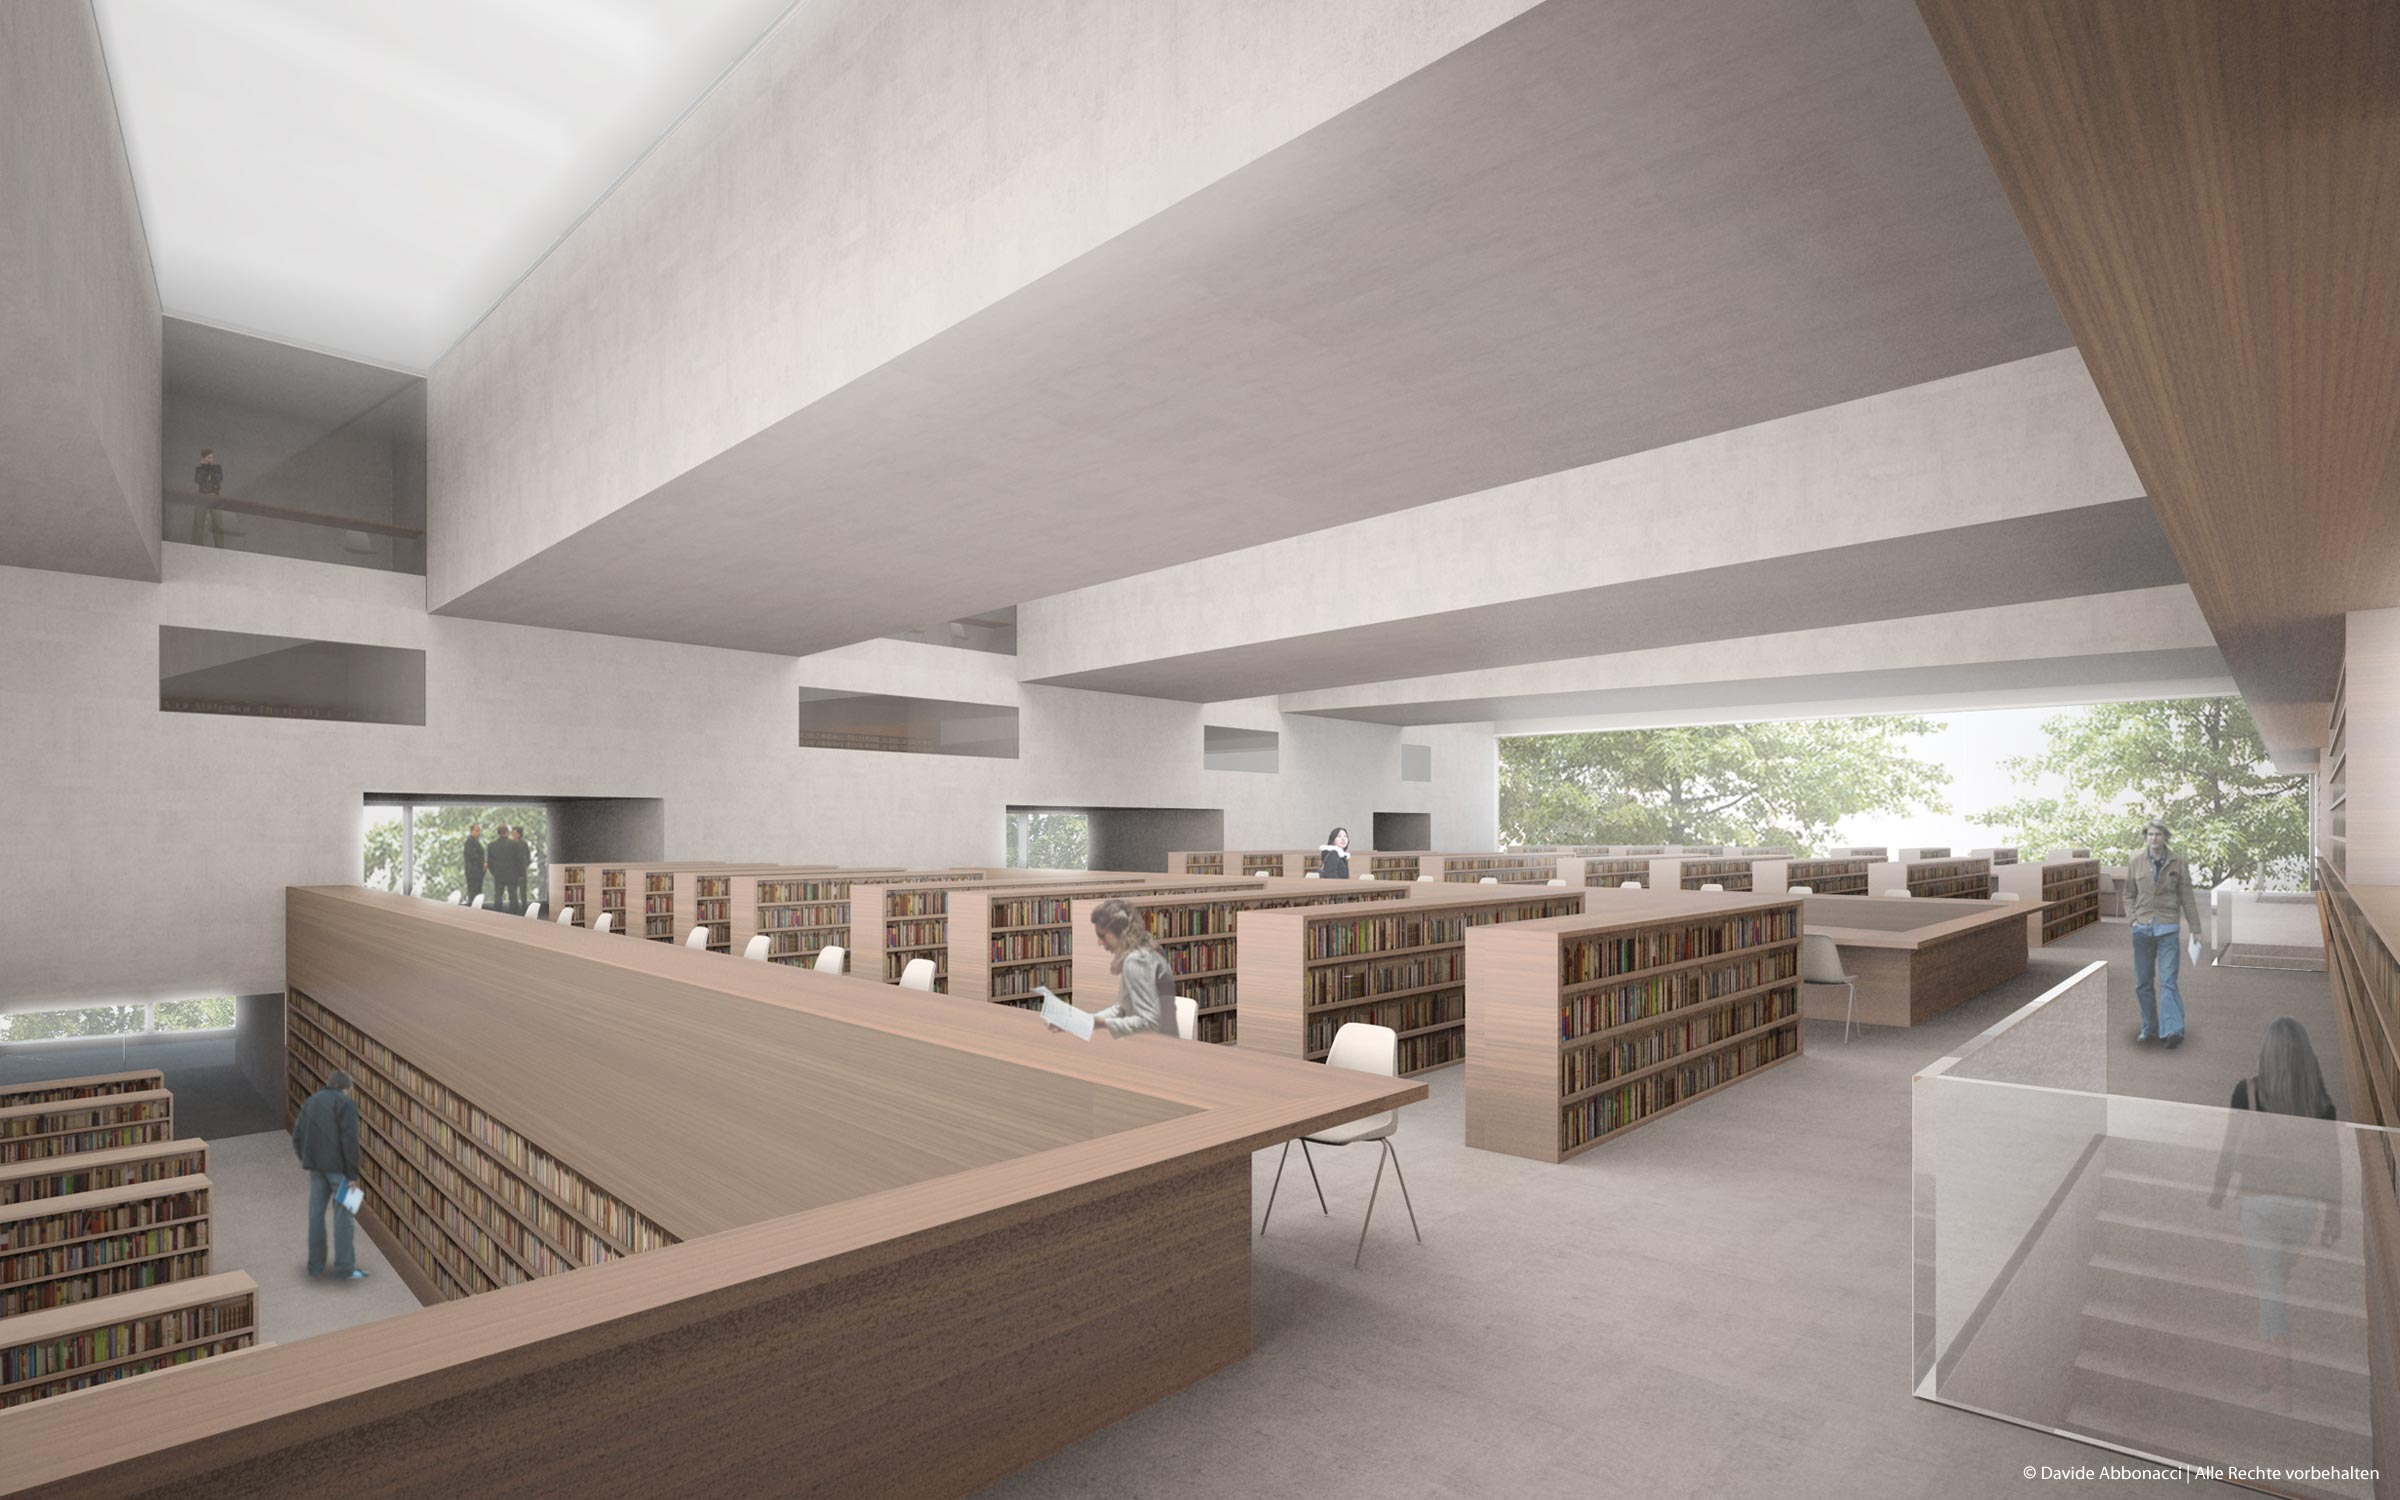 Hochschul und Landesbibliothek, Fulda | Bruno Fioretti Marquez Architekten | 2009 Wettbewerbsvisualisierung